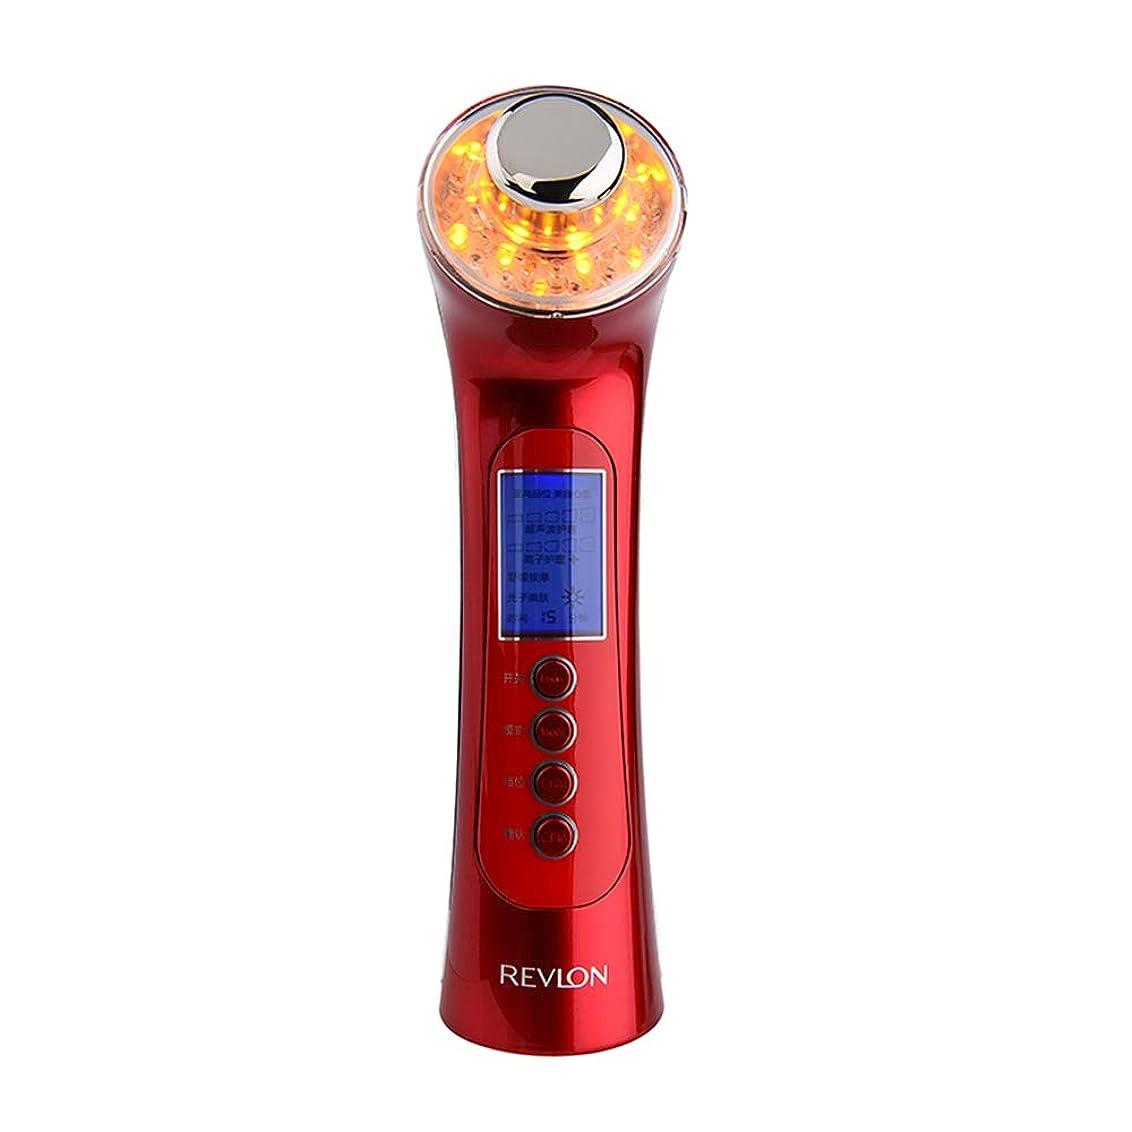 ゲストキリンサーマル肌を引き締め機、5に1で5洗顔マッサージマッサージマッサージャーで3色ライトディープクレンジングアンチエイジング多機能振動美容機器